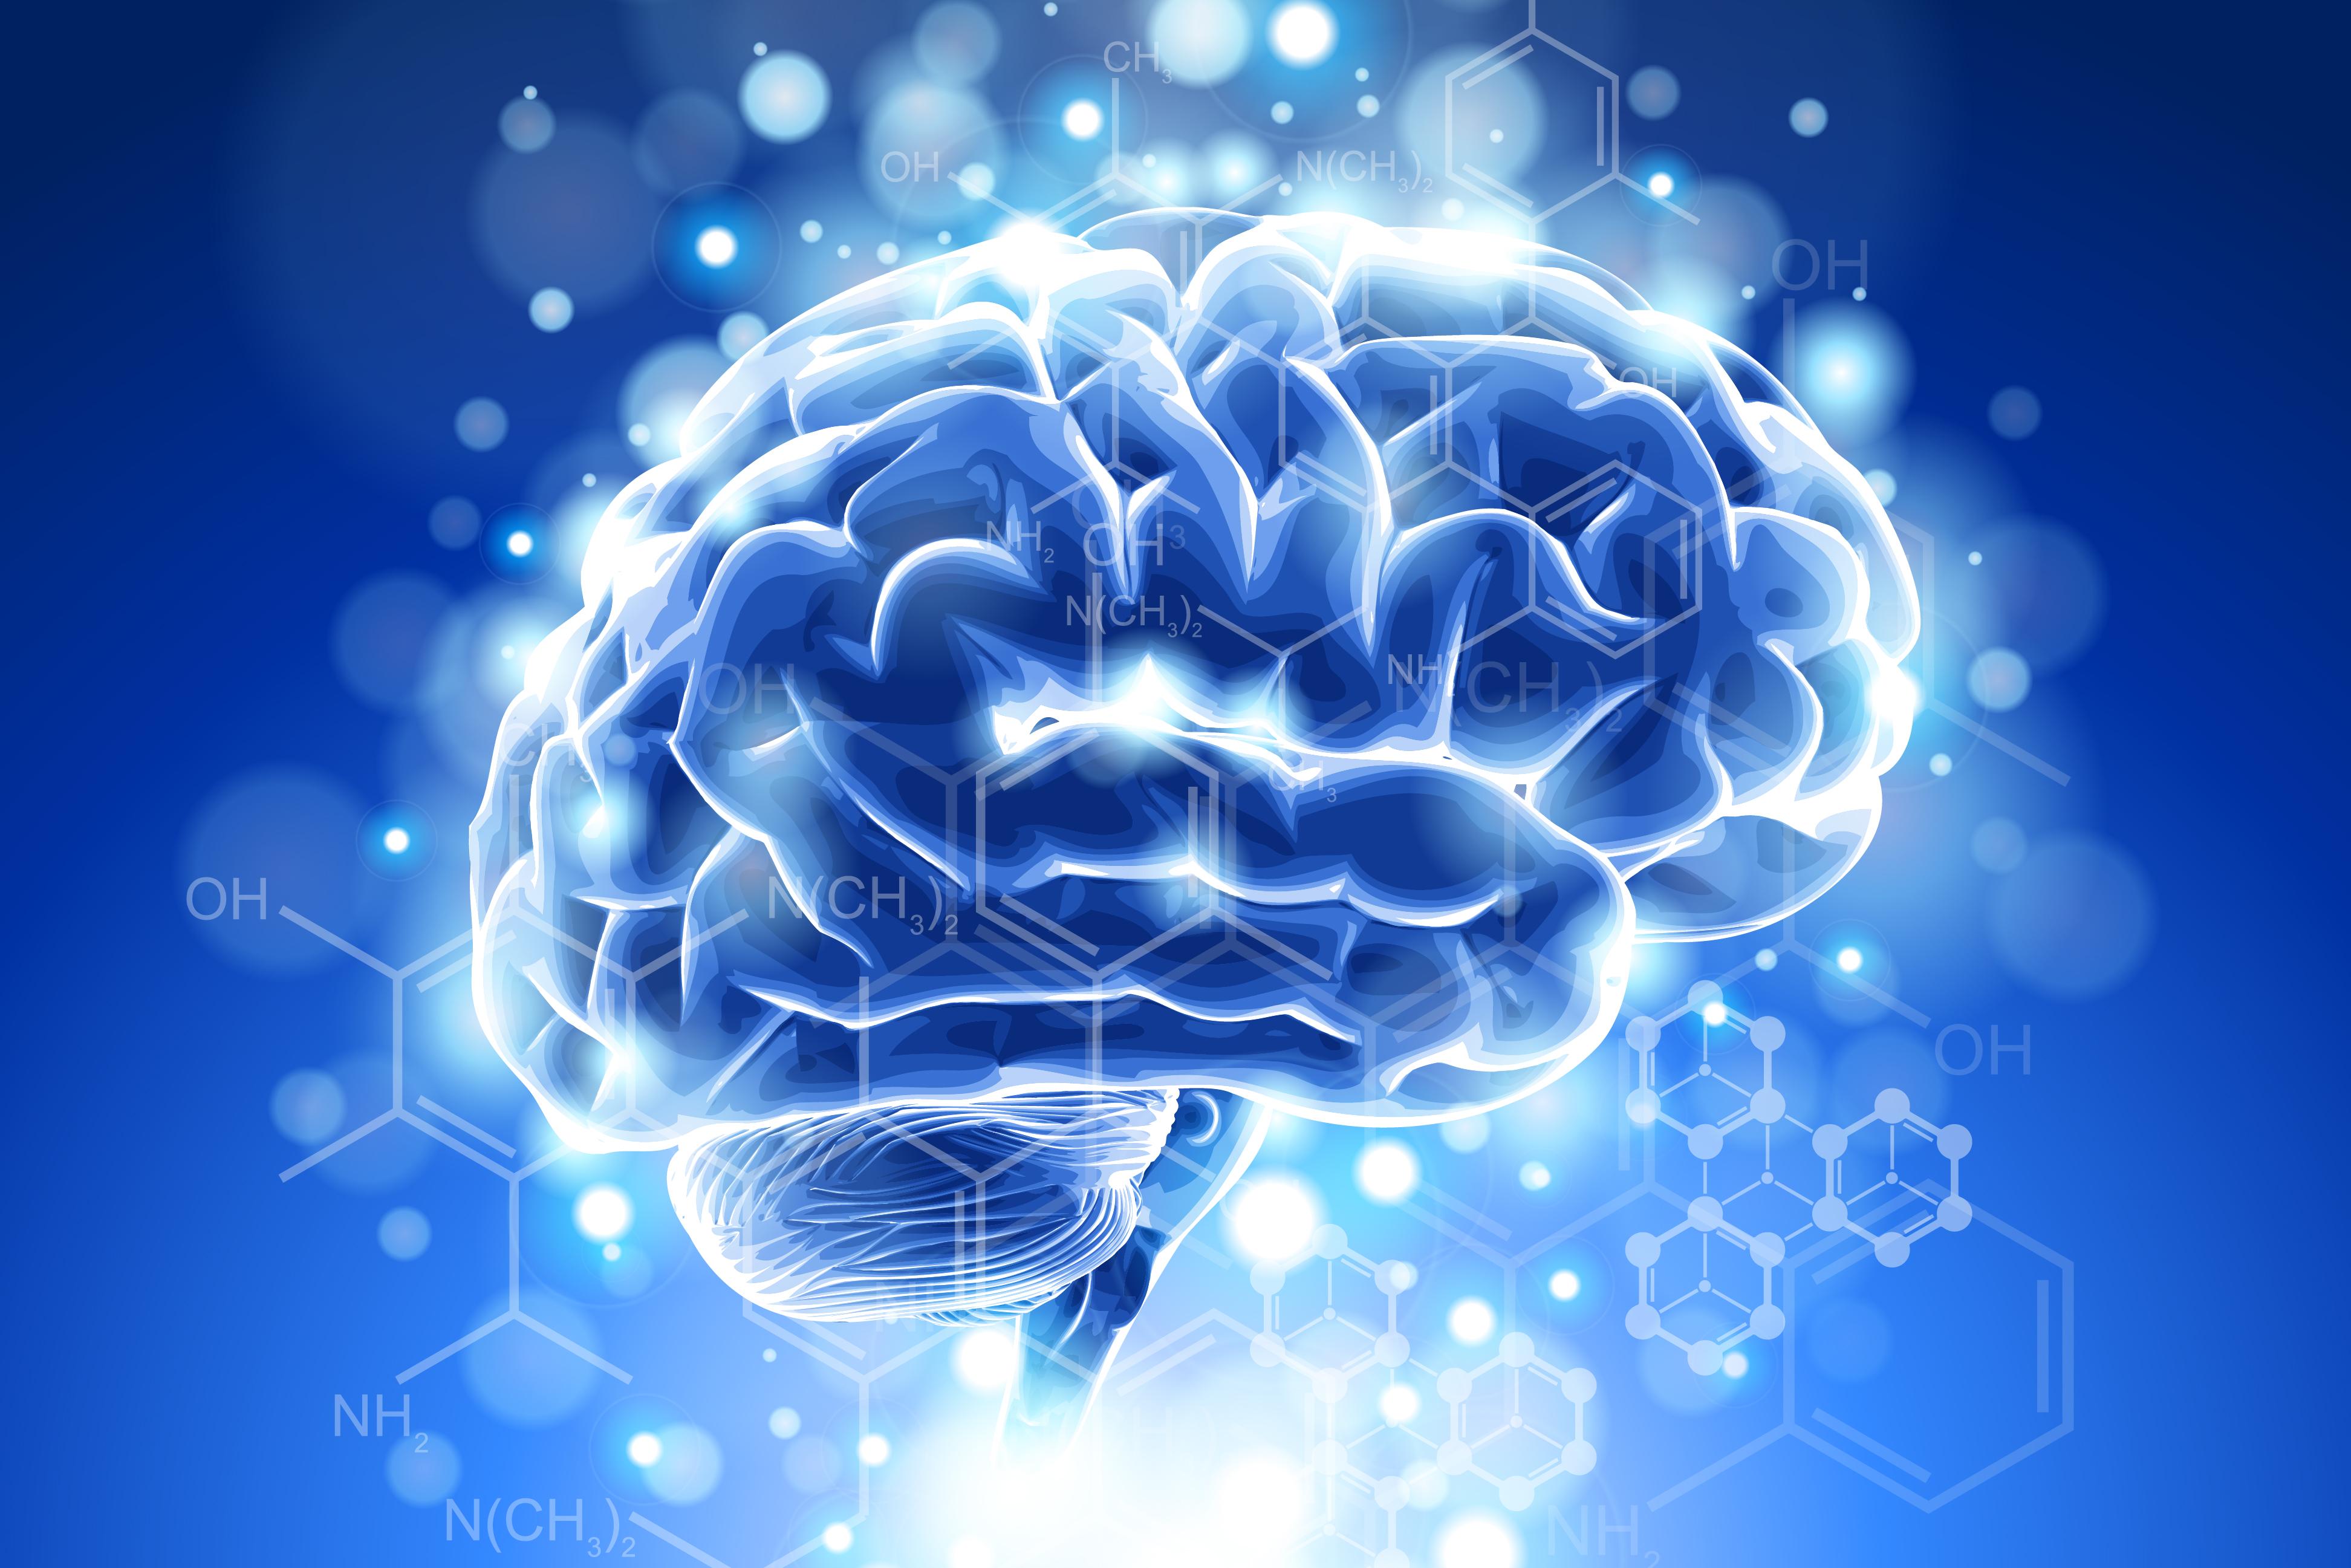 Jak přirozené myšlenkové pochody ovlivňují sázení?